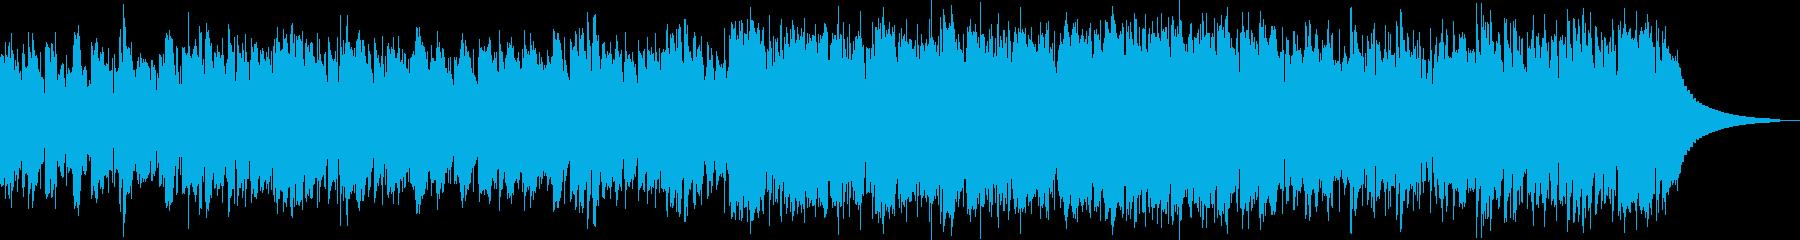 インディー センチメンタル サスペ...の再生済みの波形